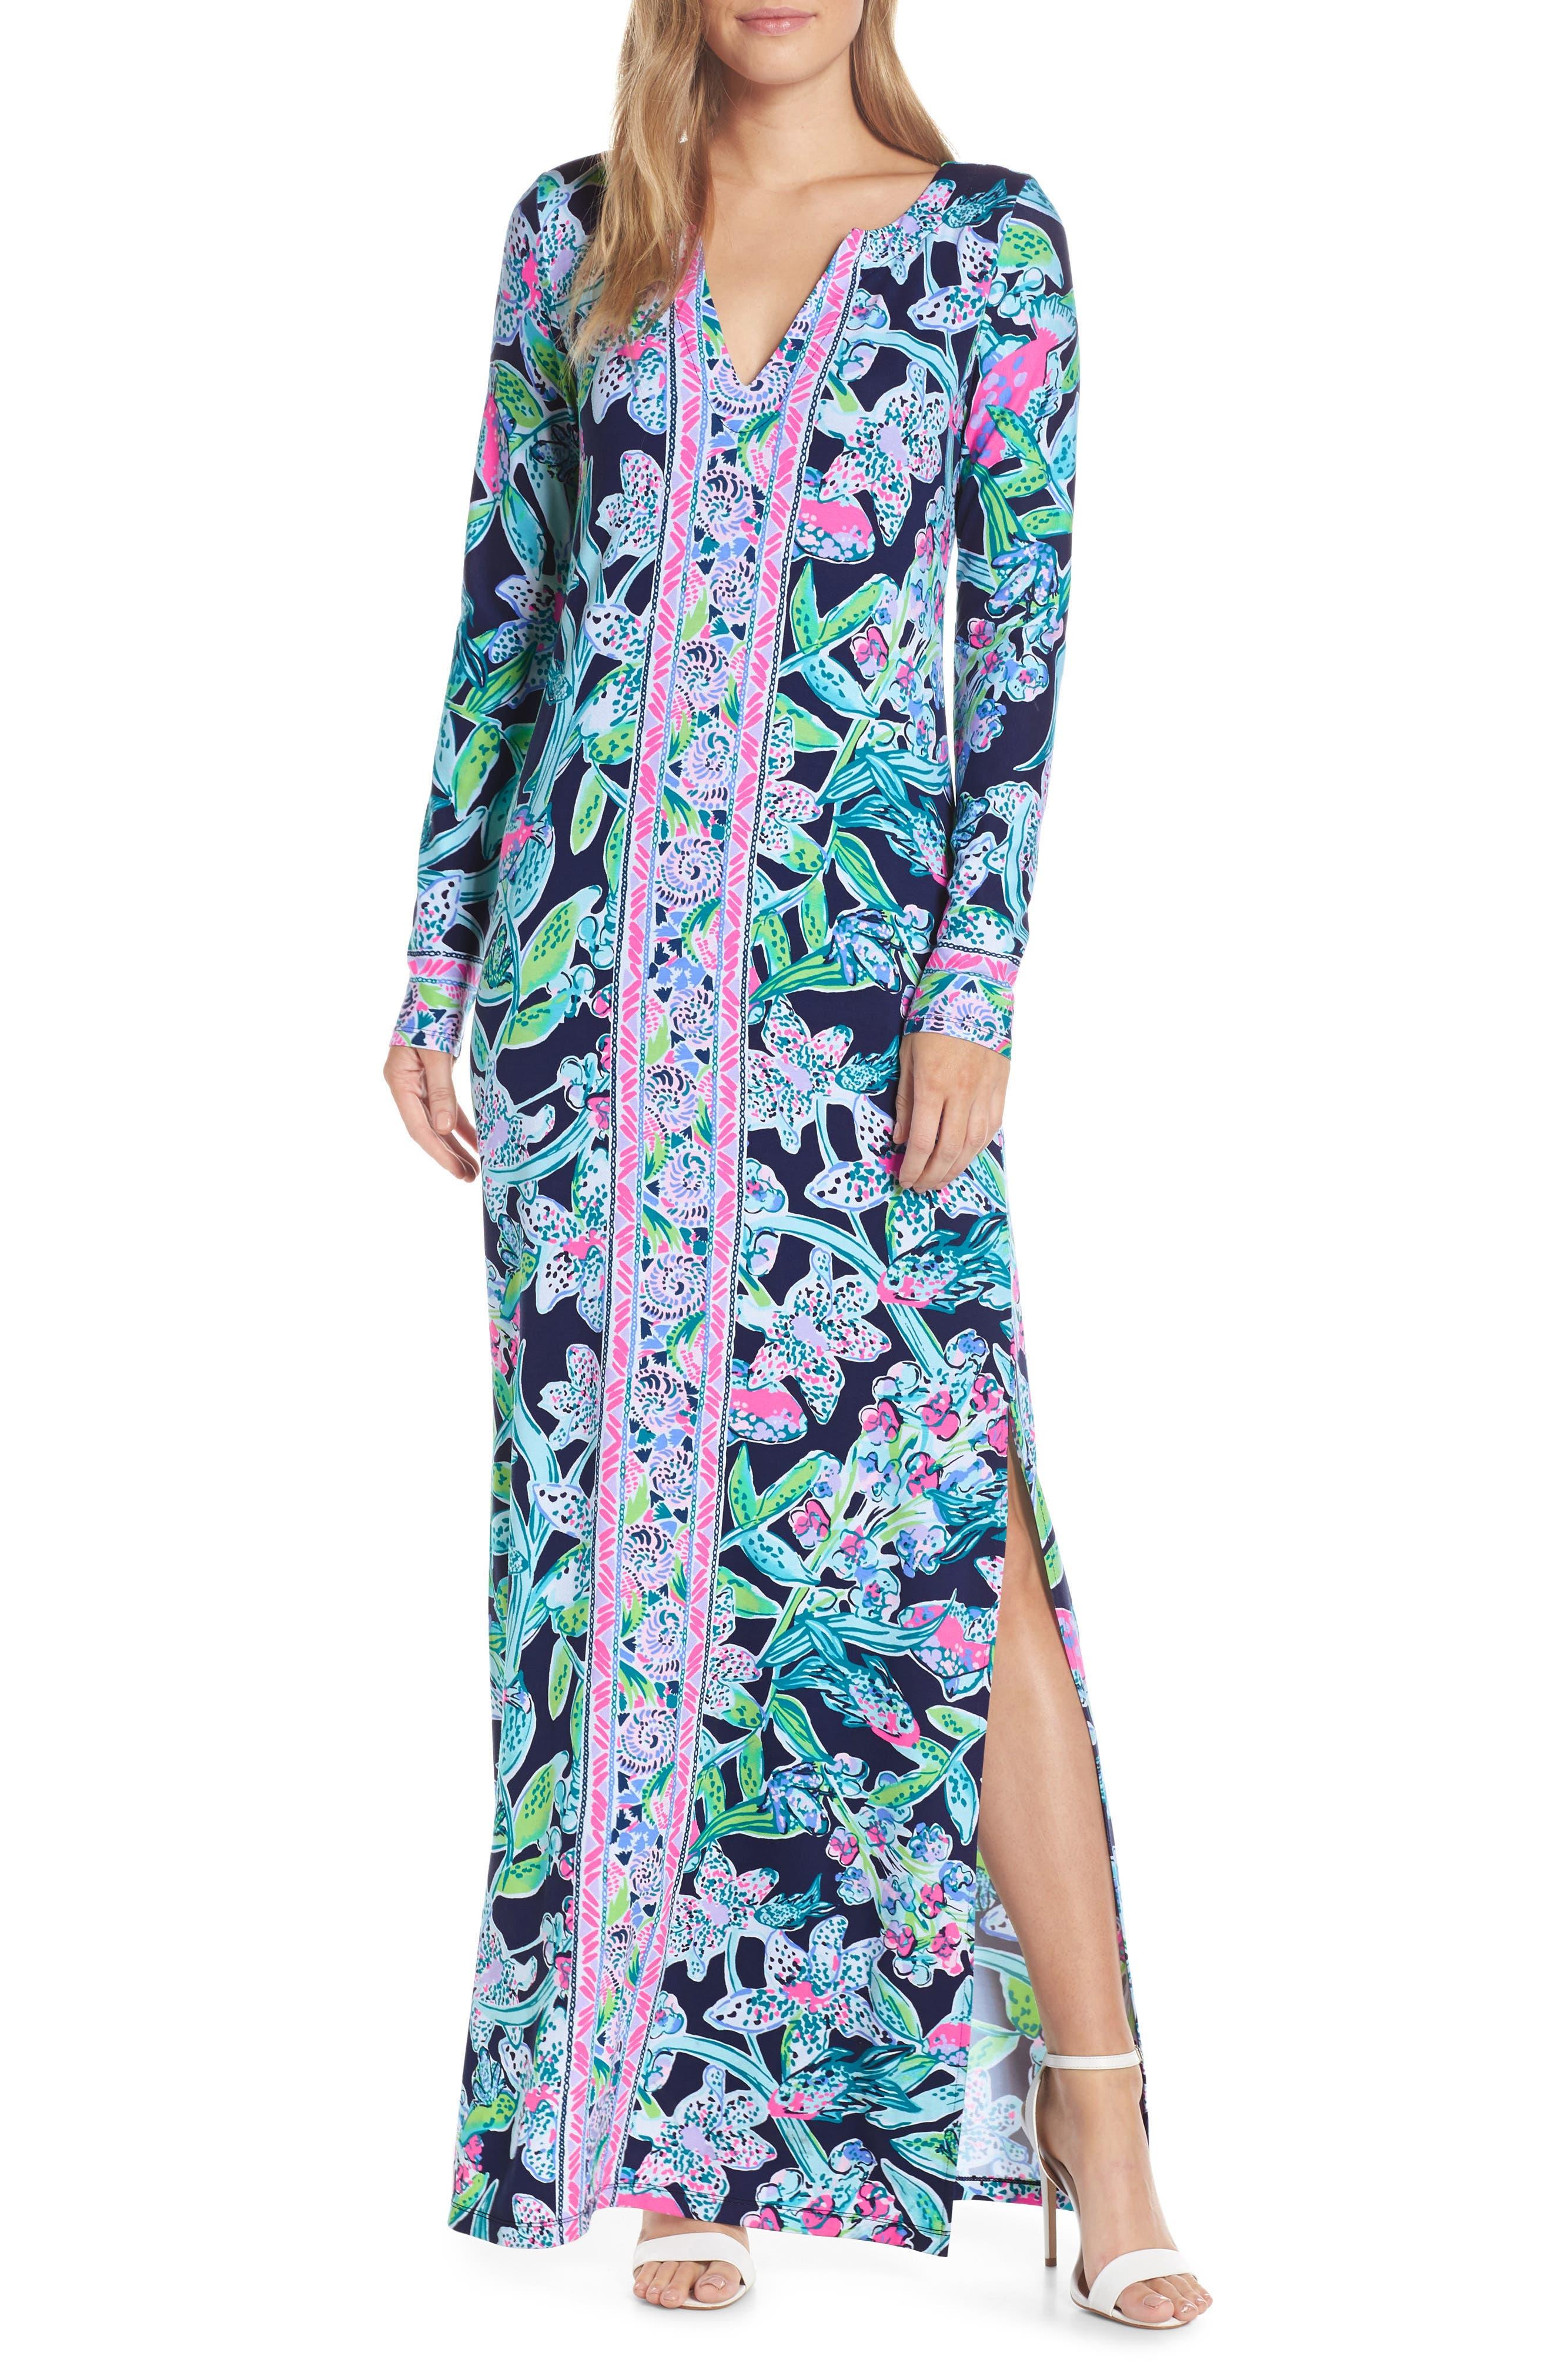 Lilly Pulitzer Faye Upf 50+ Maxi Dress, Blue